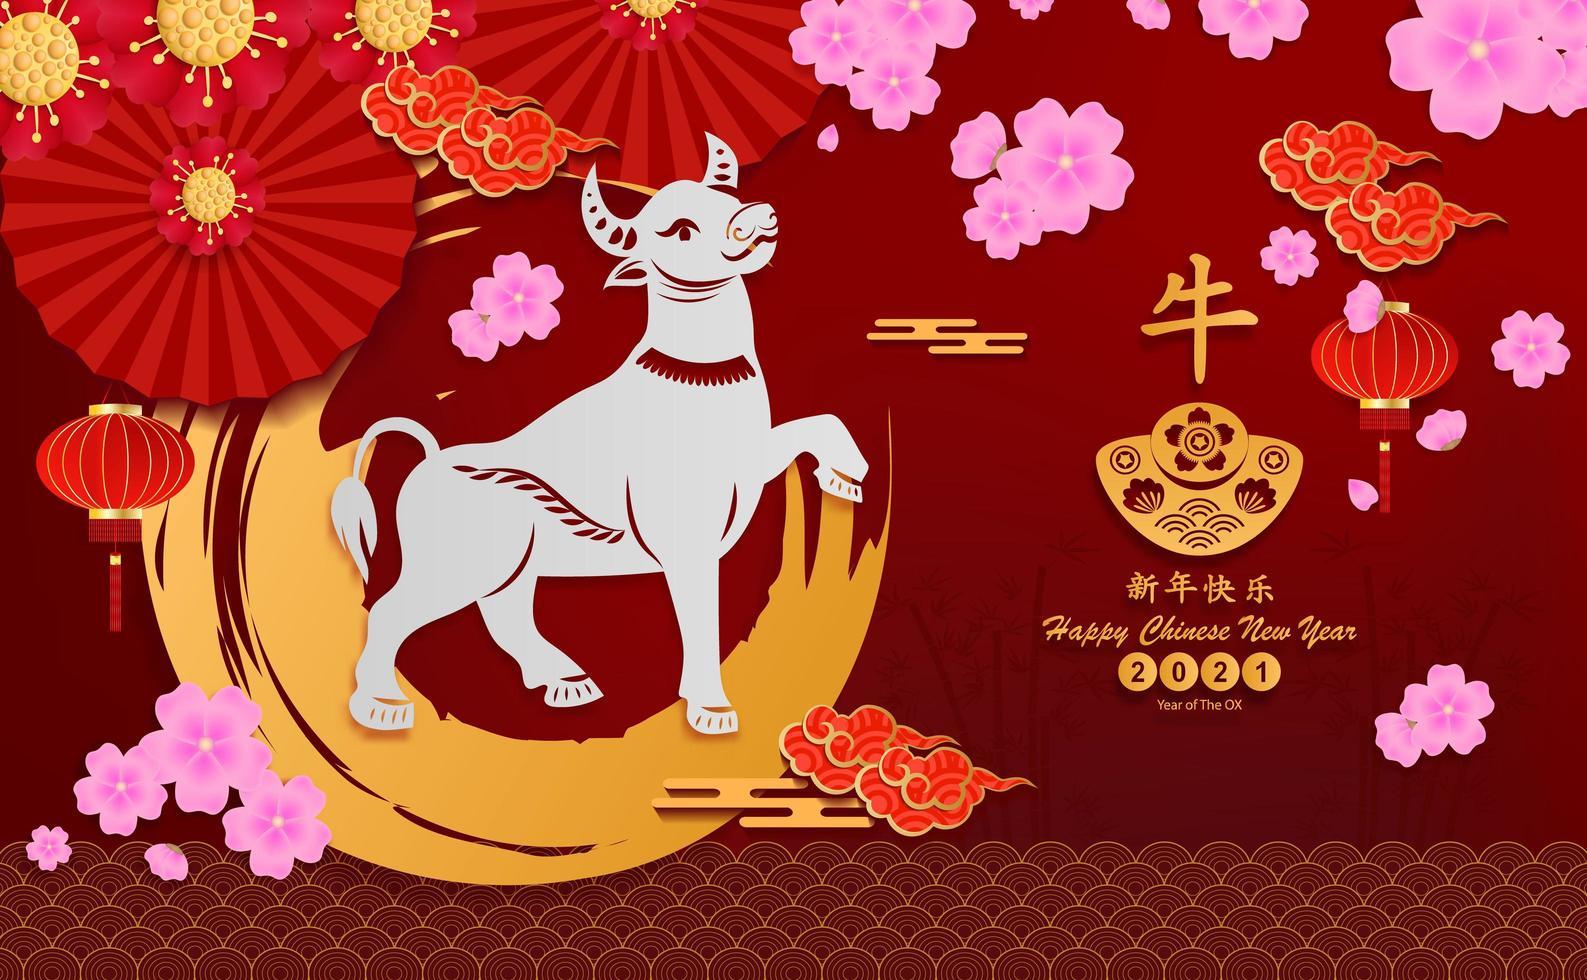 gelukkig chinees nieuwjaar 2021 vector papier gesneden os Aziatische elementen en volger. Chinese vertaling is gelukkig chinees nieuwjaar 2021